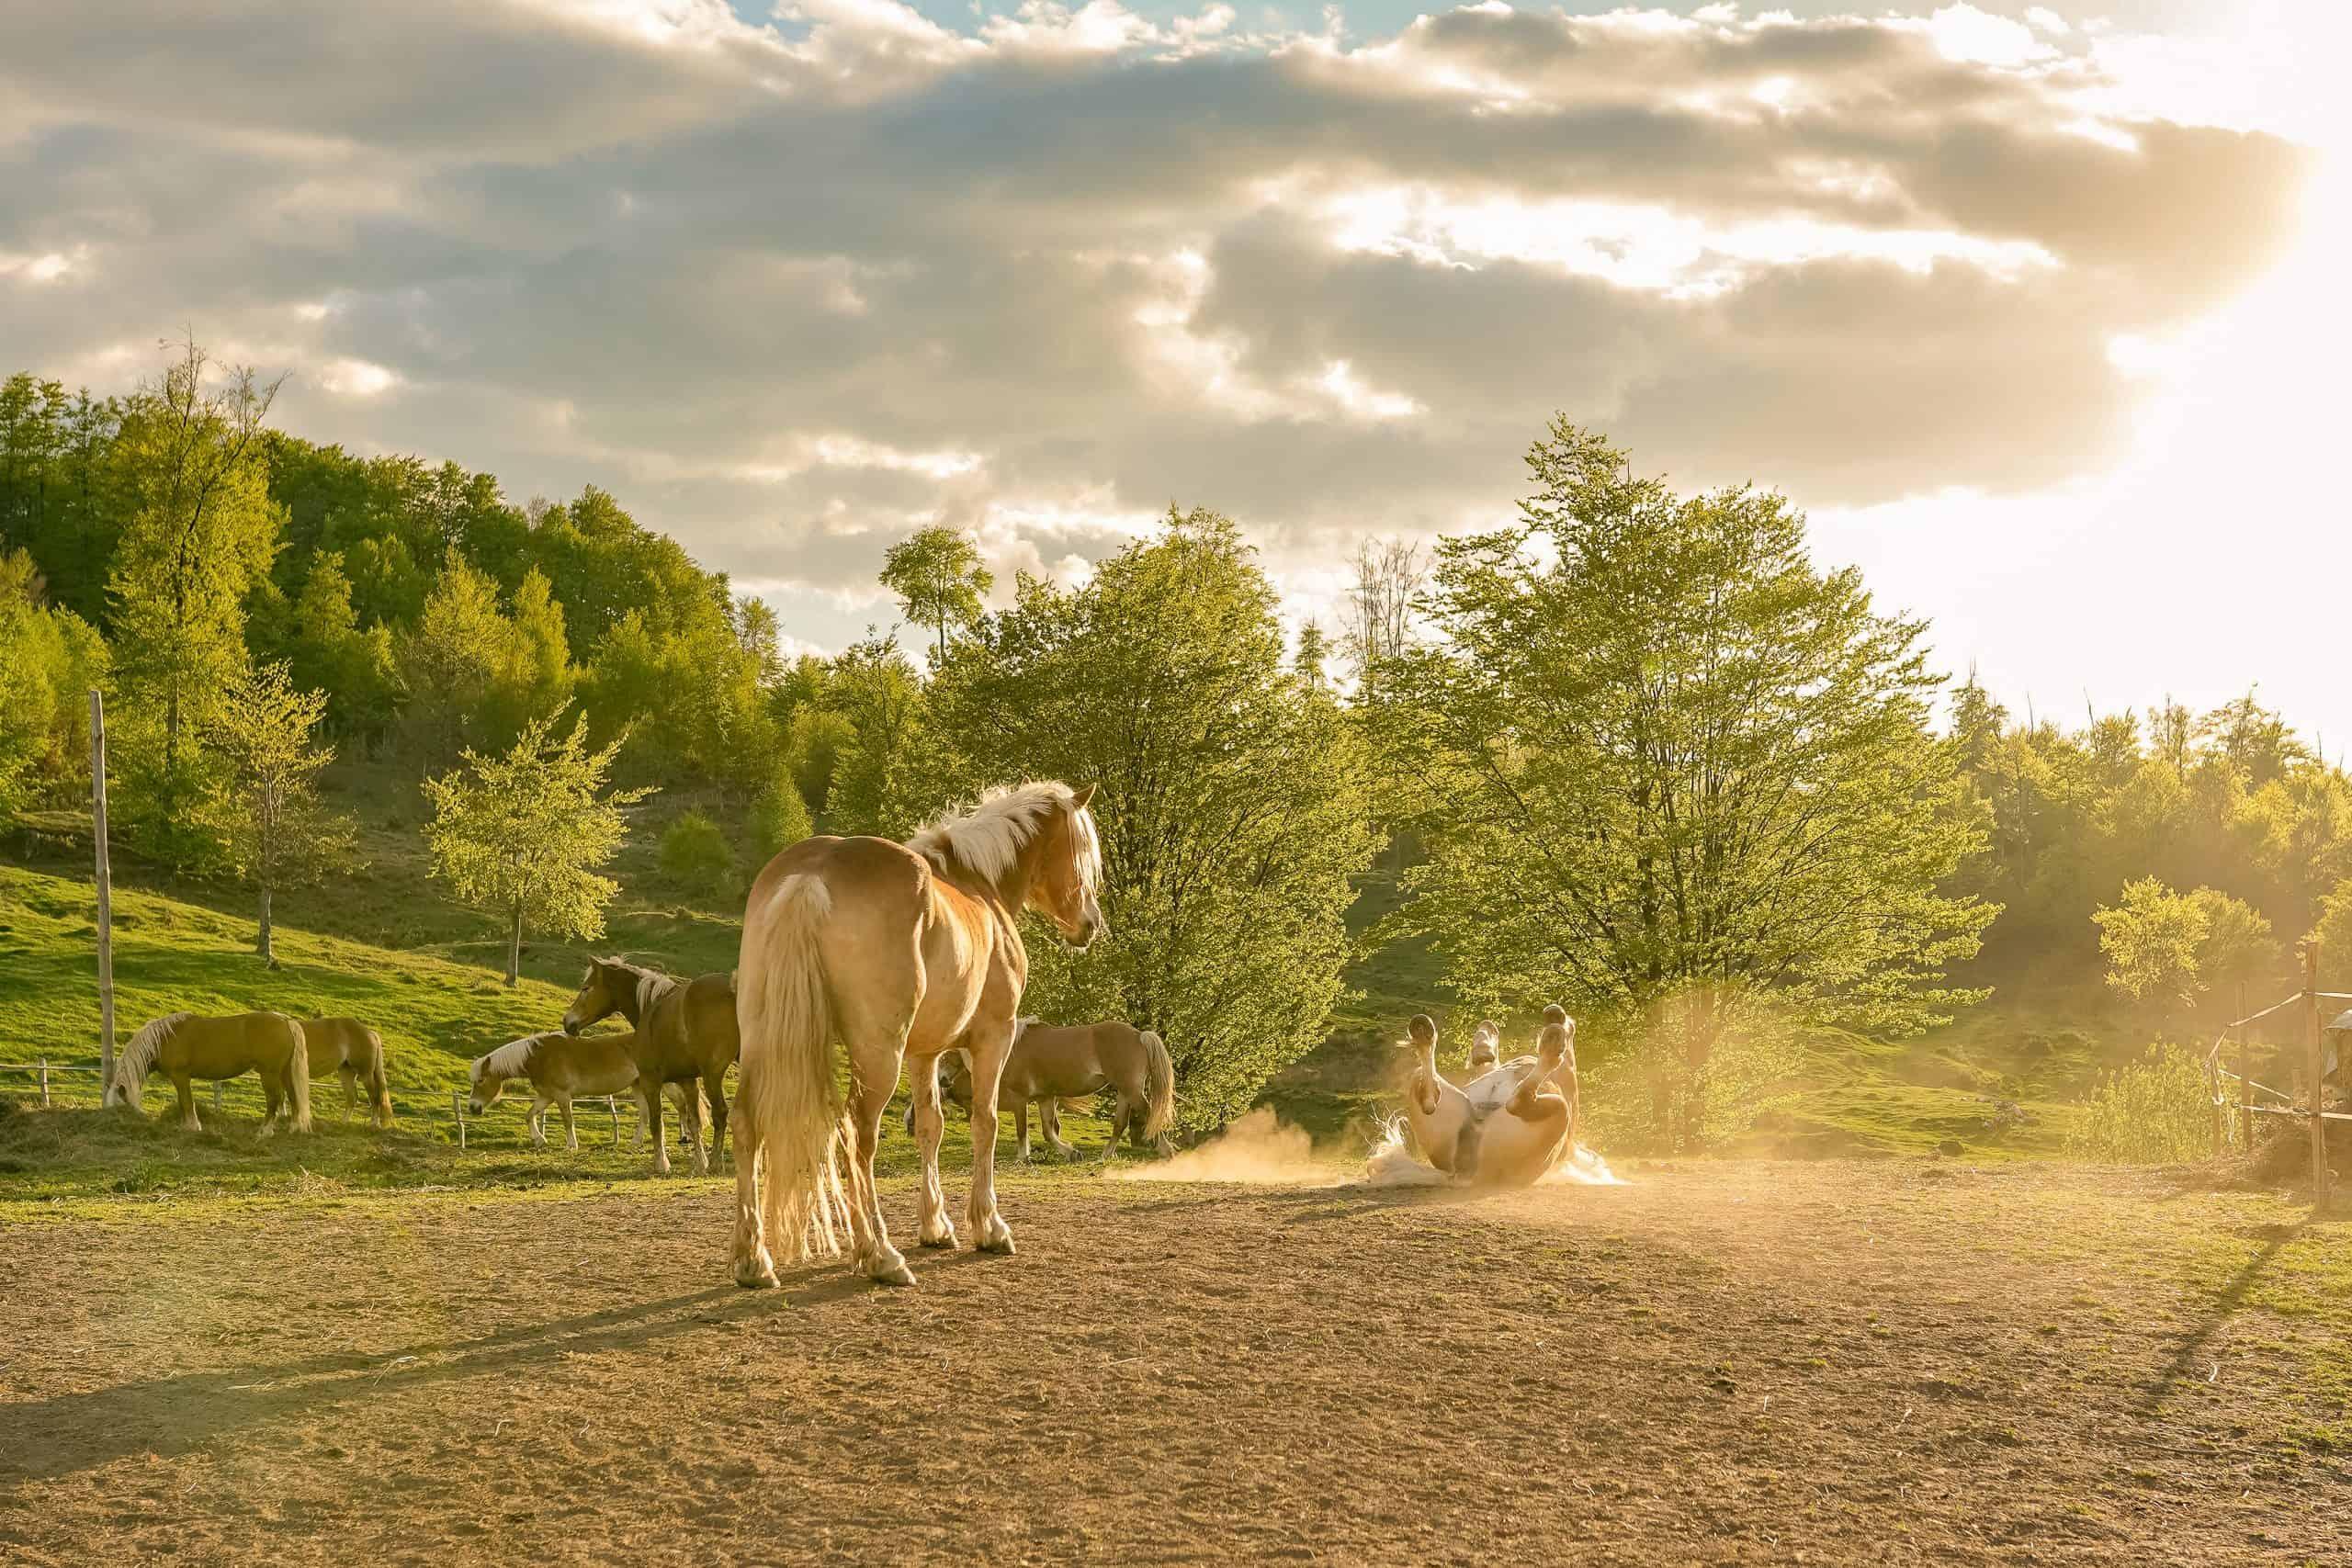 Haflinger horses at a horse farm